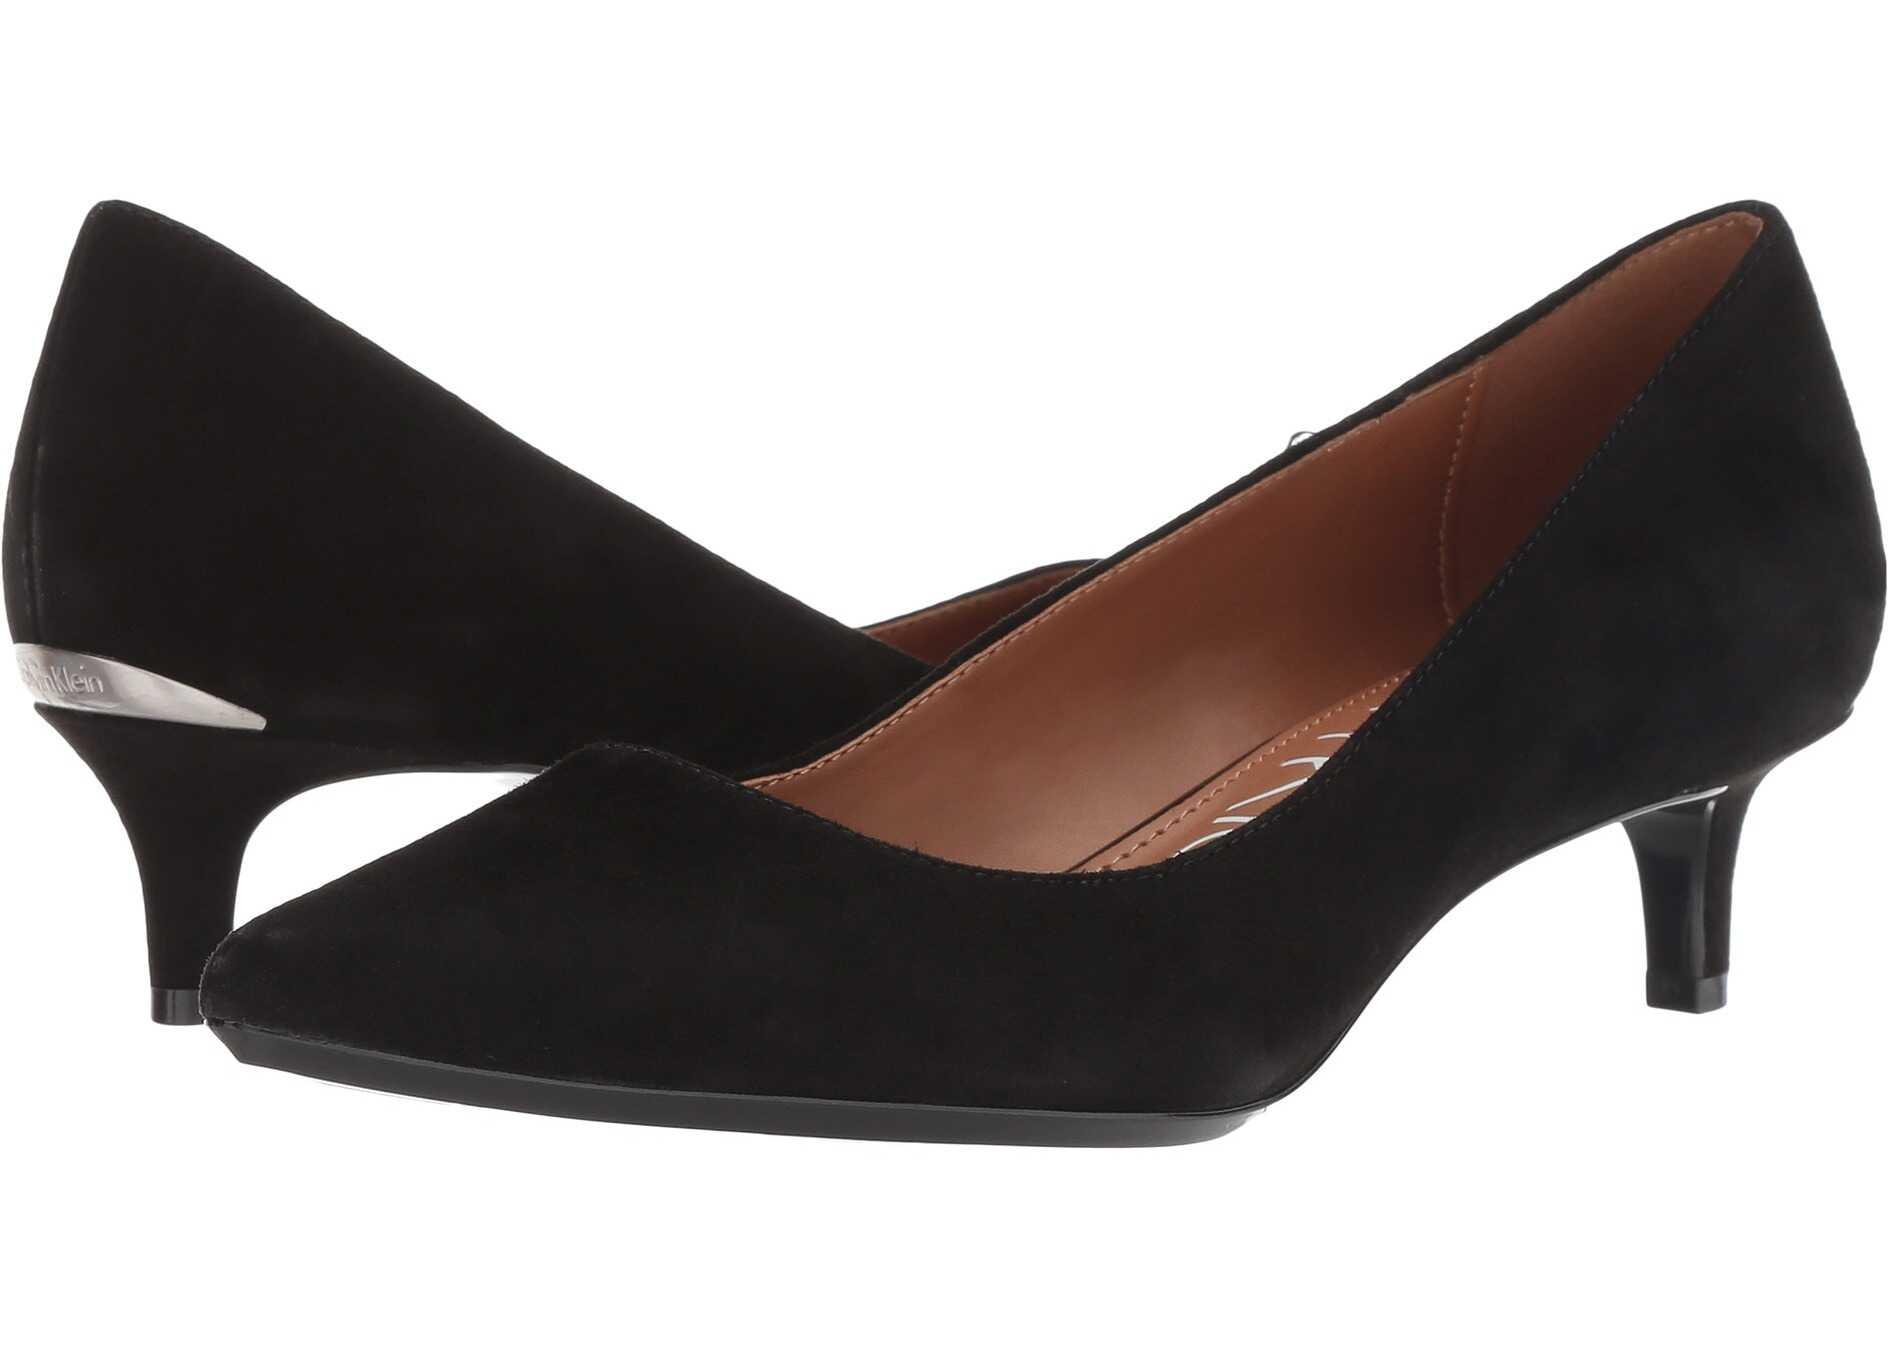 Calvin Klein Gabrianna Pump Black Suede/Leather